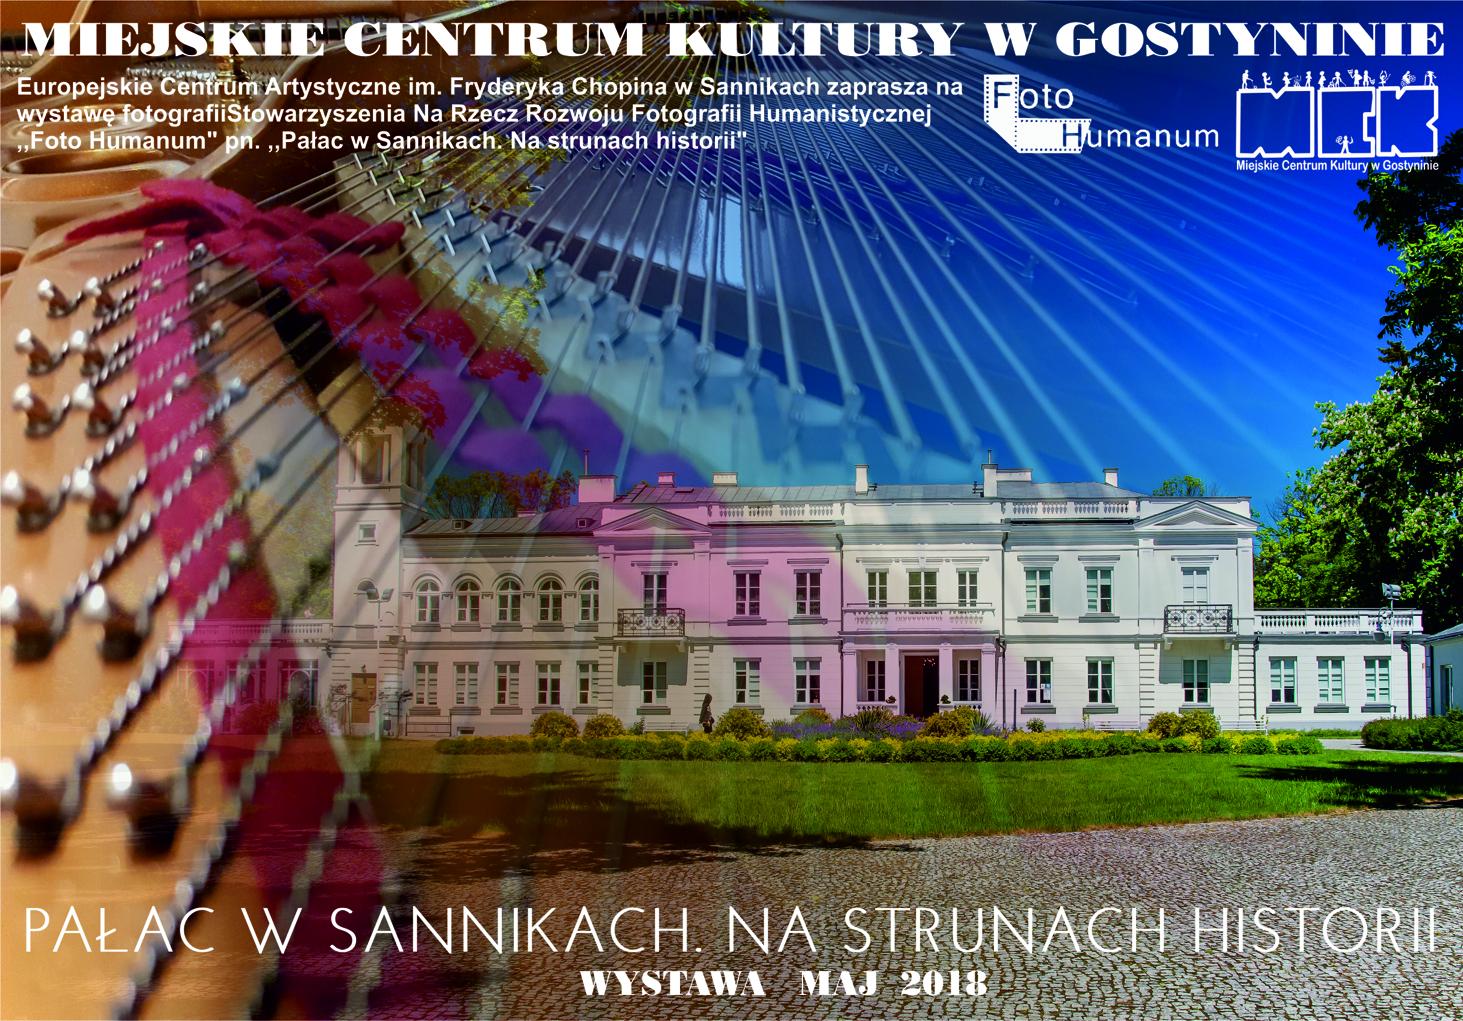 Pałac w Sannikach. Na strunach historii – WYSTAWA